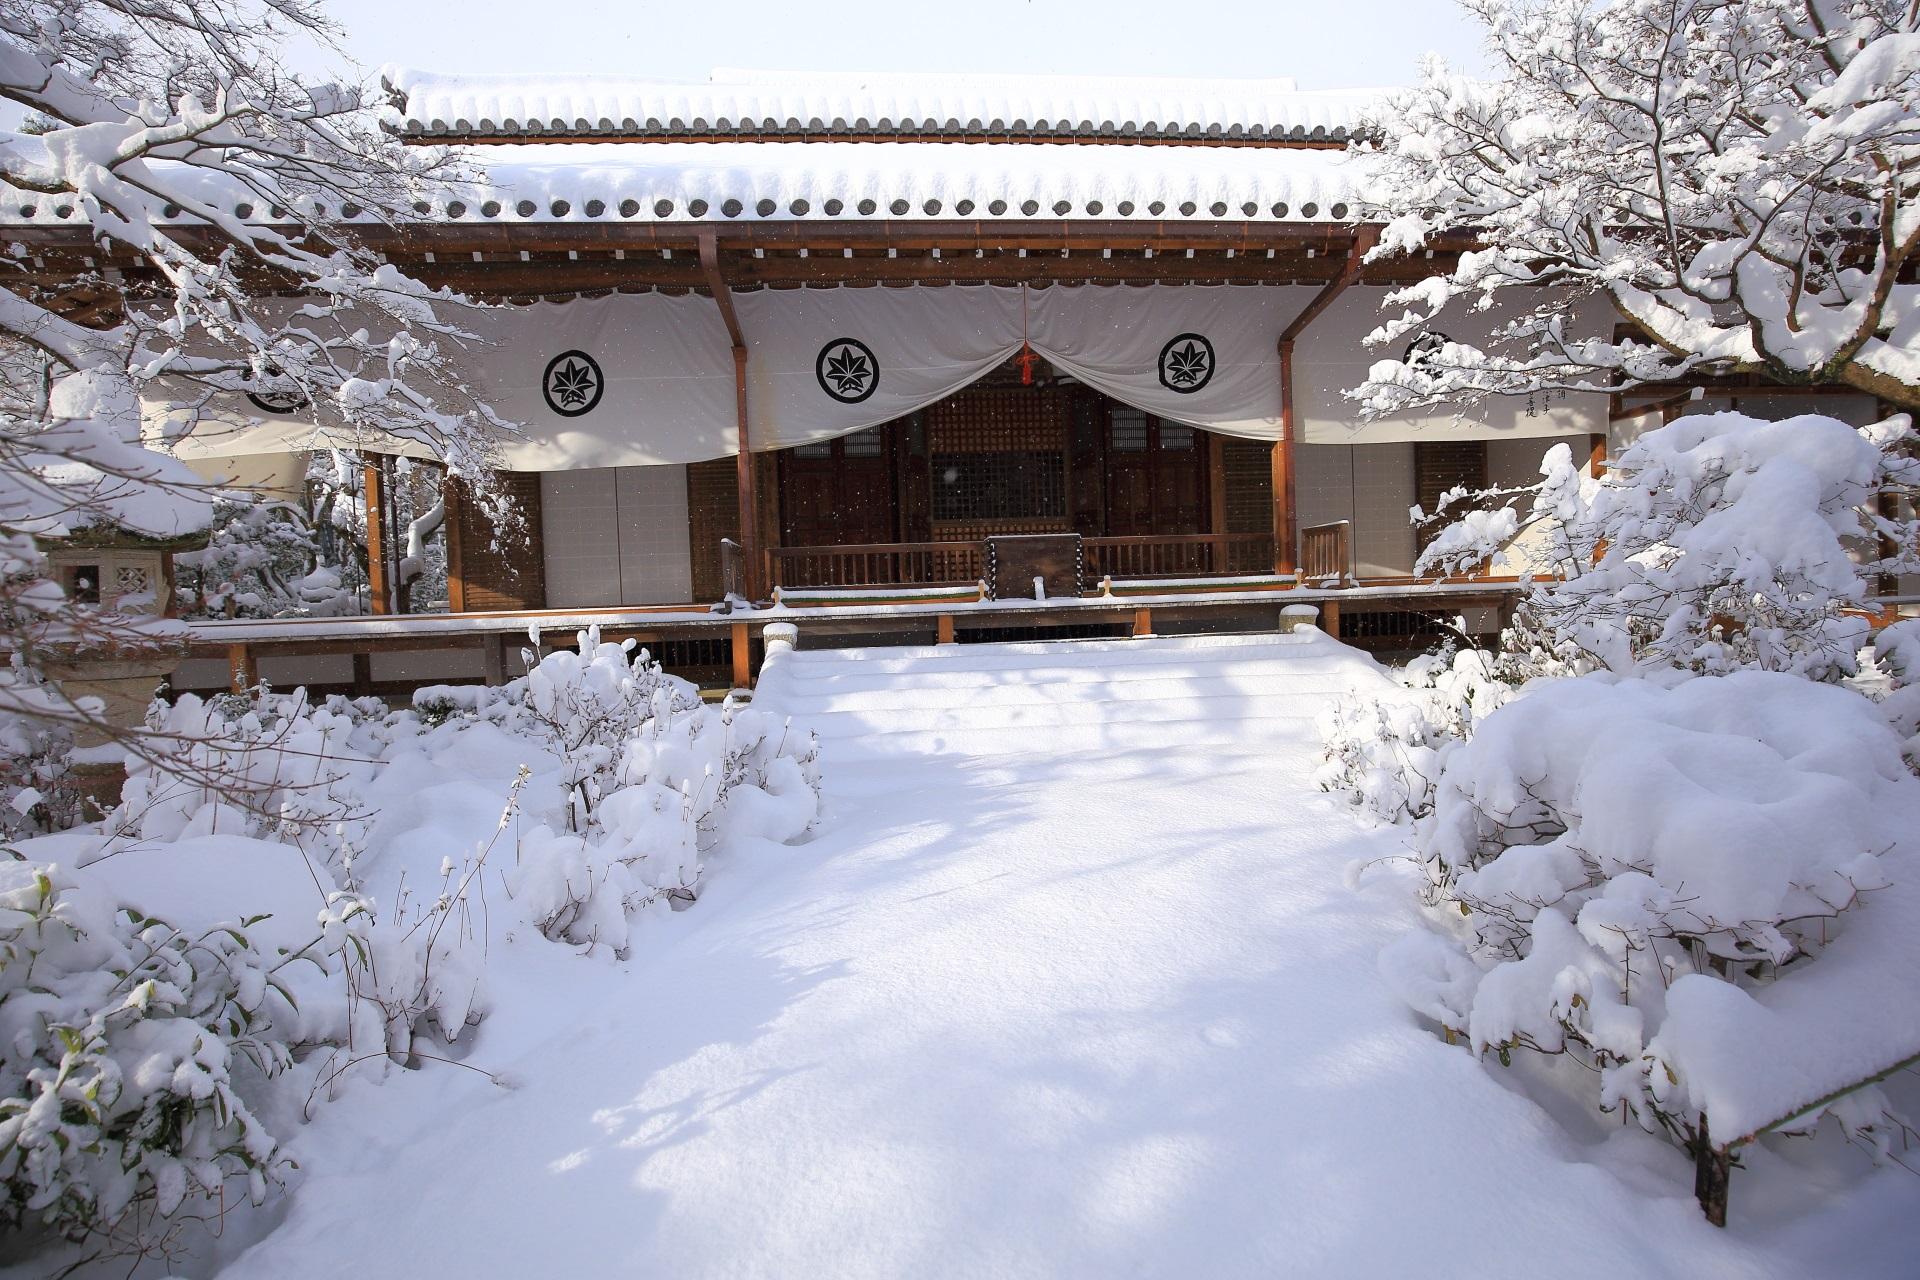 常寂光寺の本堂の雪景色